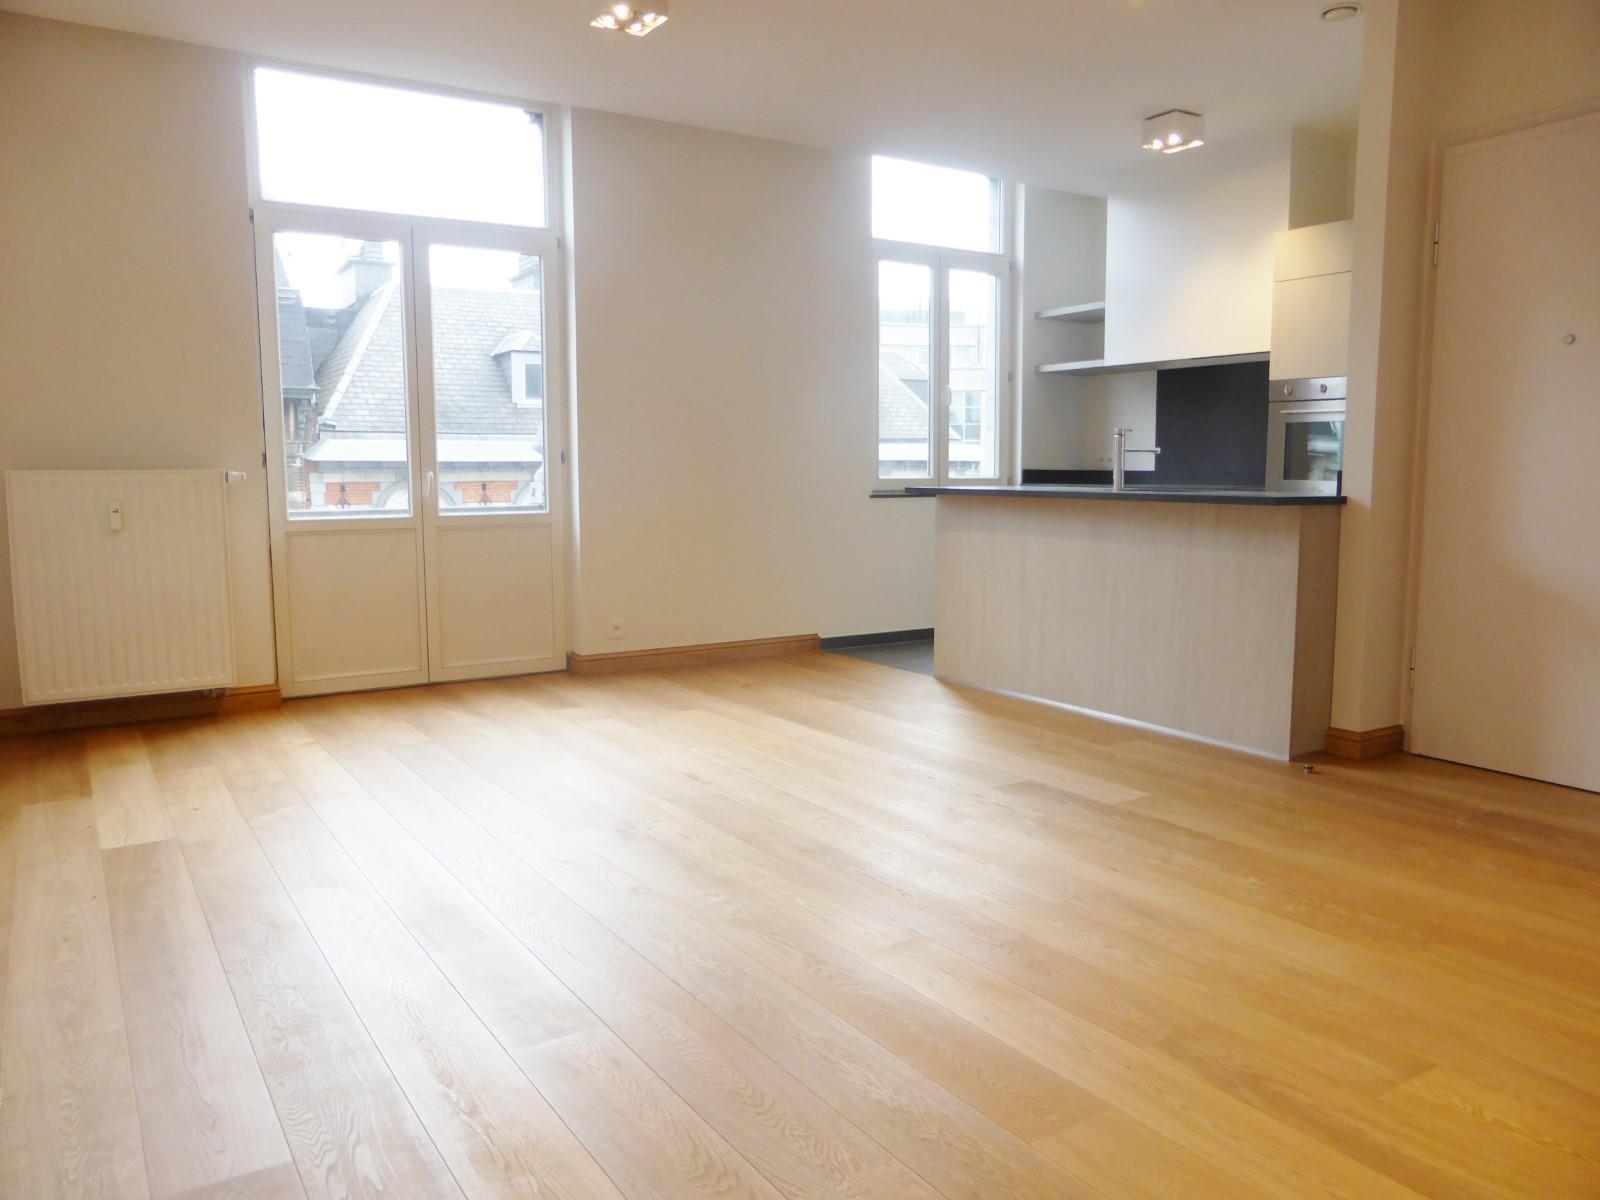 Appartement exceptionnel - Bruxelles - #4094385-29